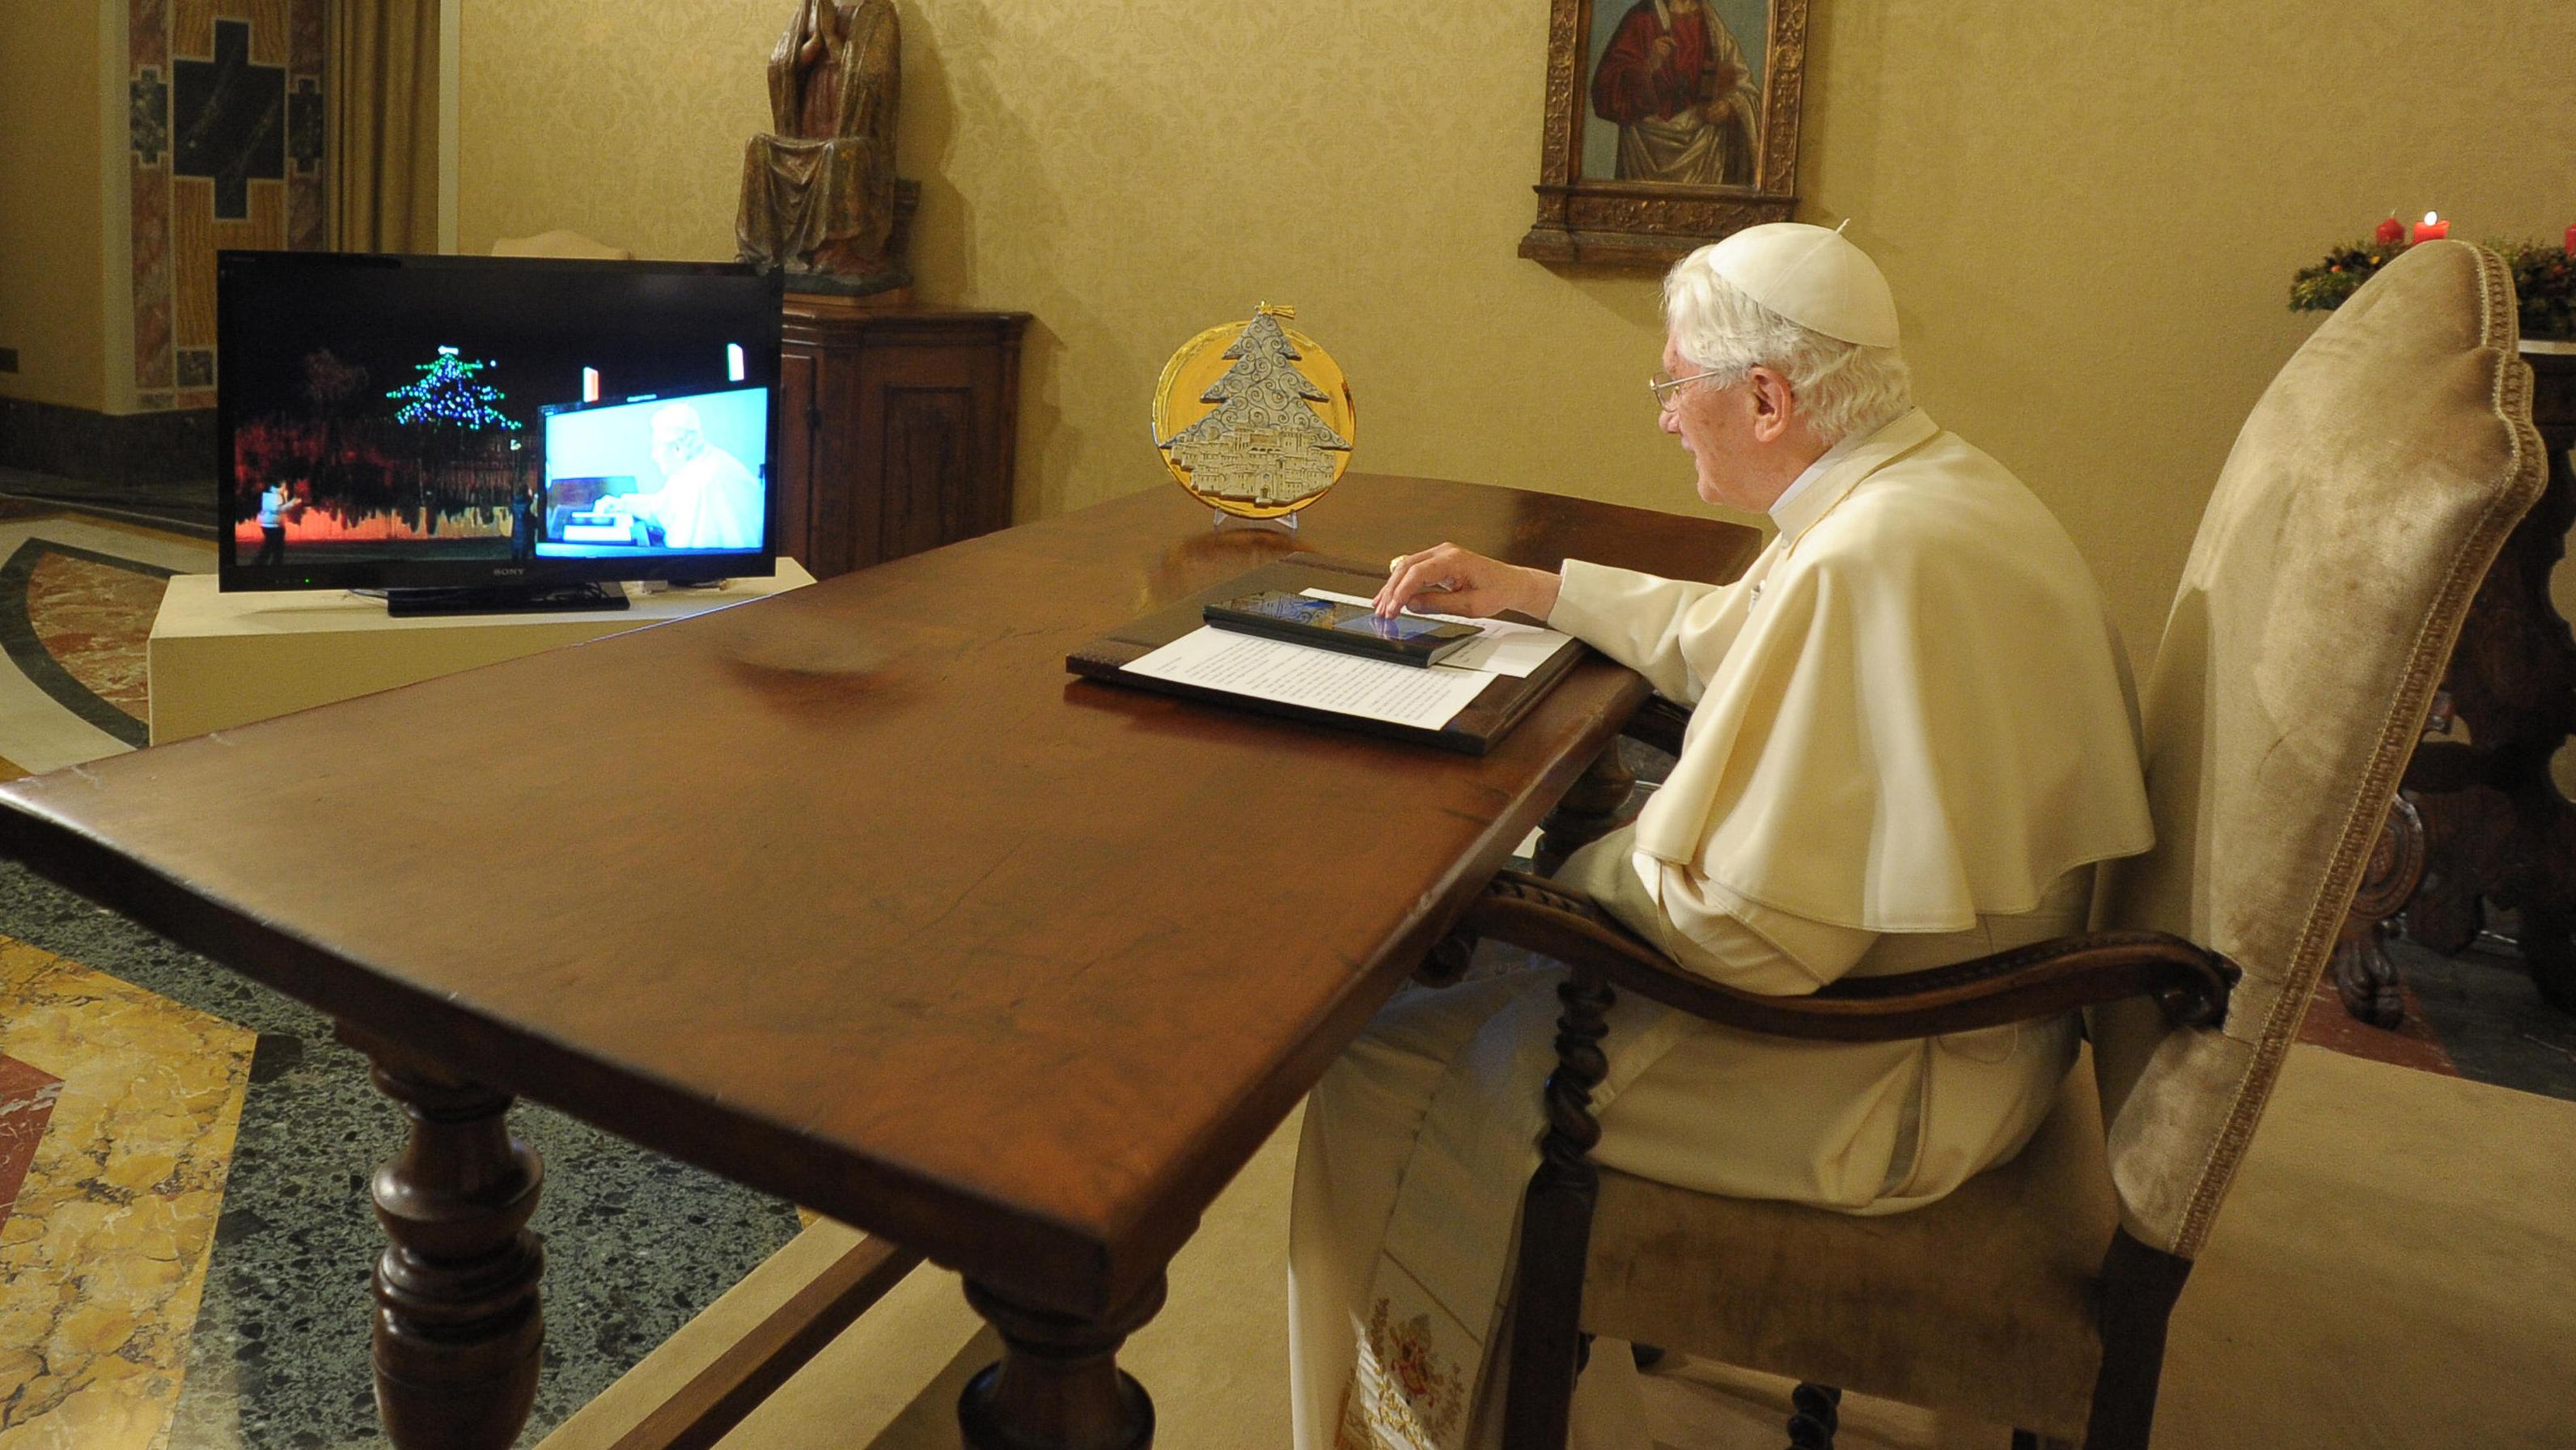 Pope on ipad